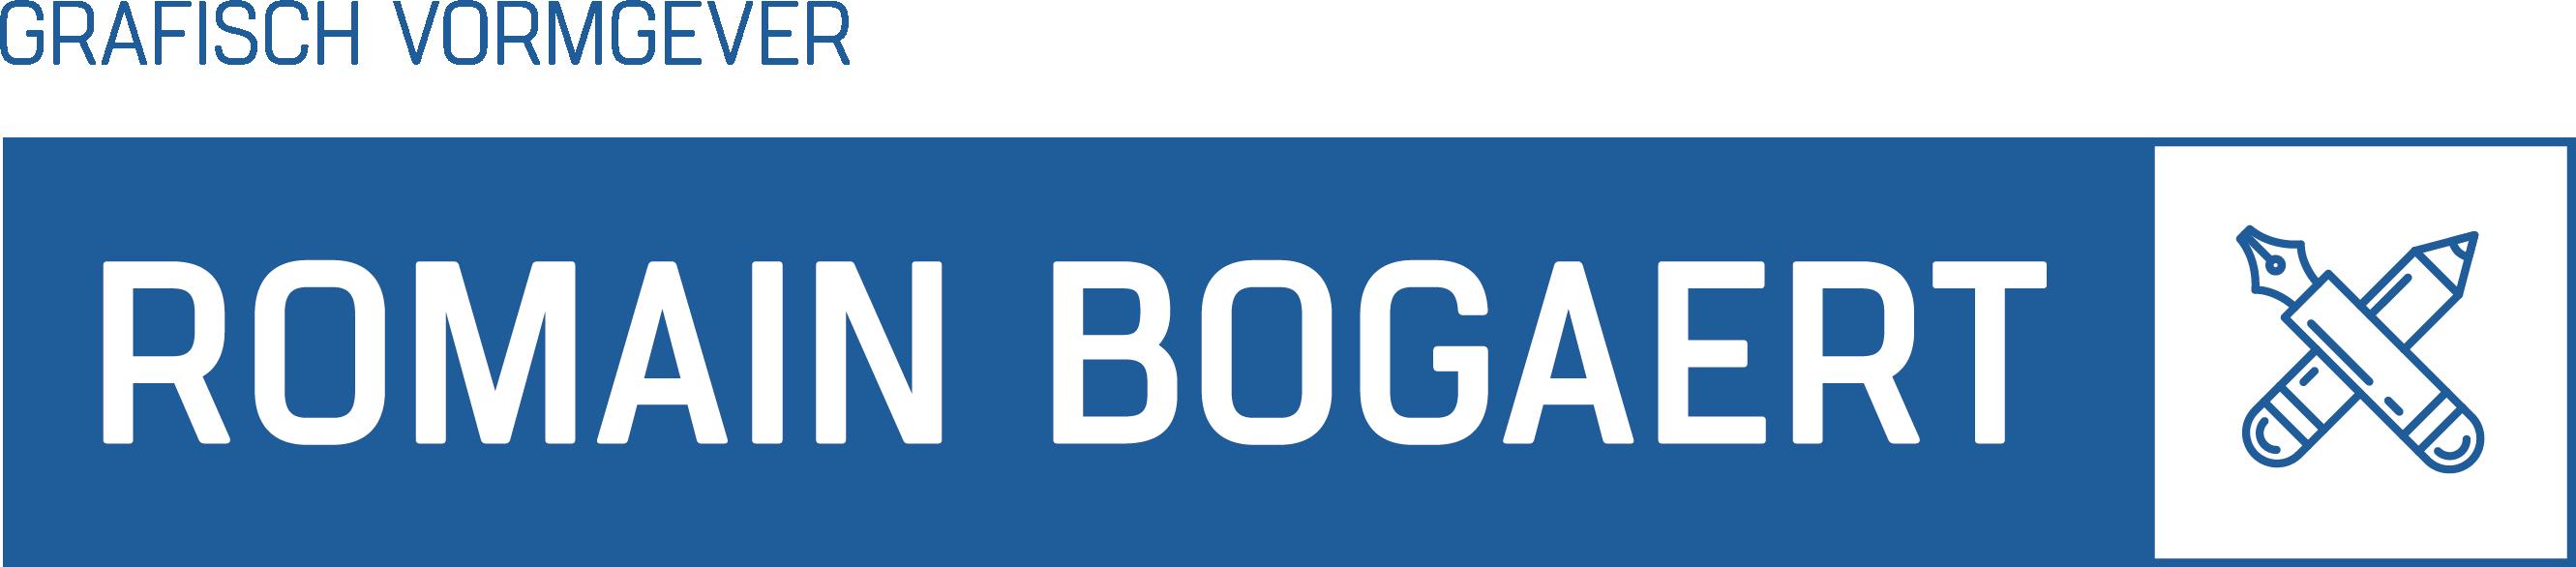 Logo Bogaert Romain Grafisch Vormgever